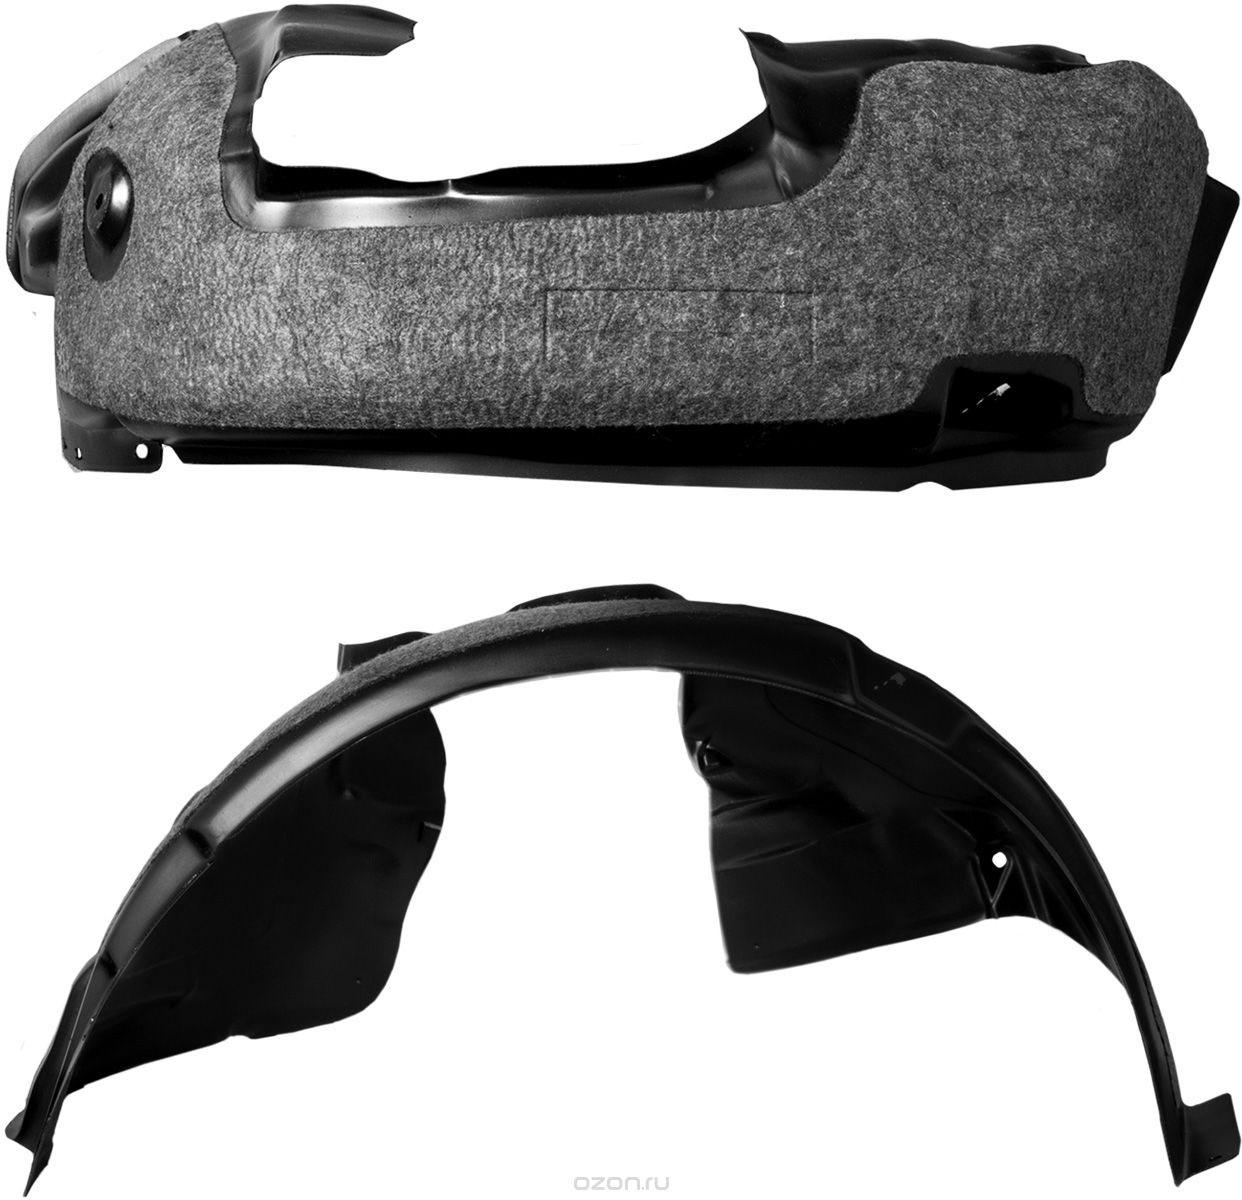 Подкрылок Novline-Autofamily с шумоизоляцией, для Chery Tiggo 5 FL, 2016->, кроссовер, задний правыйNLS.63.17.004Идеальная защита колесной ниши. Локеры разработаны с применением цифровых технологий, гарантируют максимальную повторяемость поверхности арки. Изделия устанавливаются без нарушения лакокрасочного покрытия автомобиля, каждый подкрылок комплектуется крепежом. Уважаемые клиенты, обращаем ваше внимание, что фотографии на подкрылки универсальные и не отражают реальную форму изделия. При этом само изделие идет точно под размер указанного автомобиля.